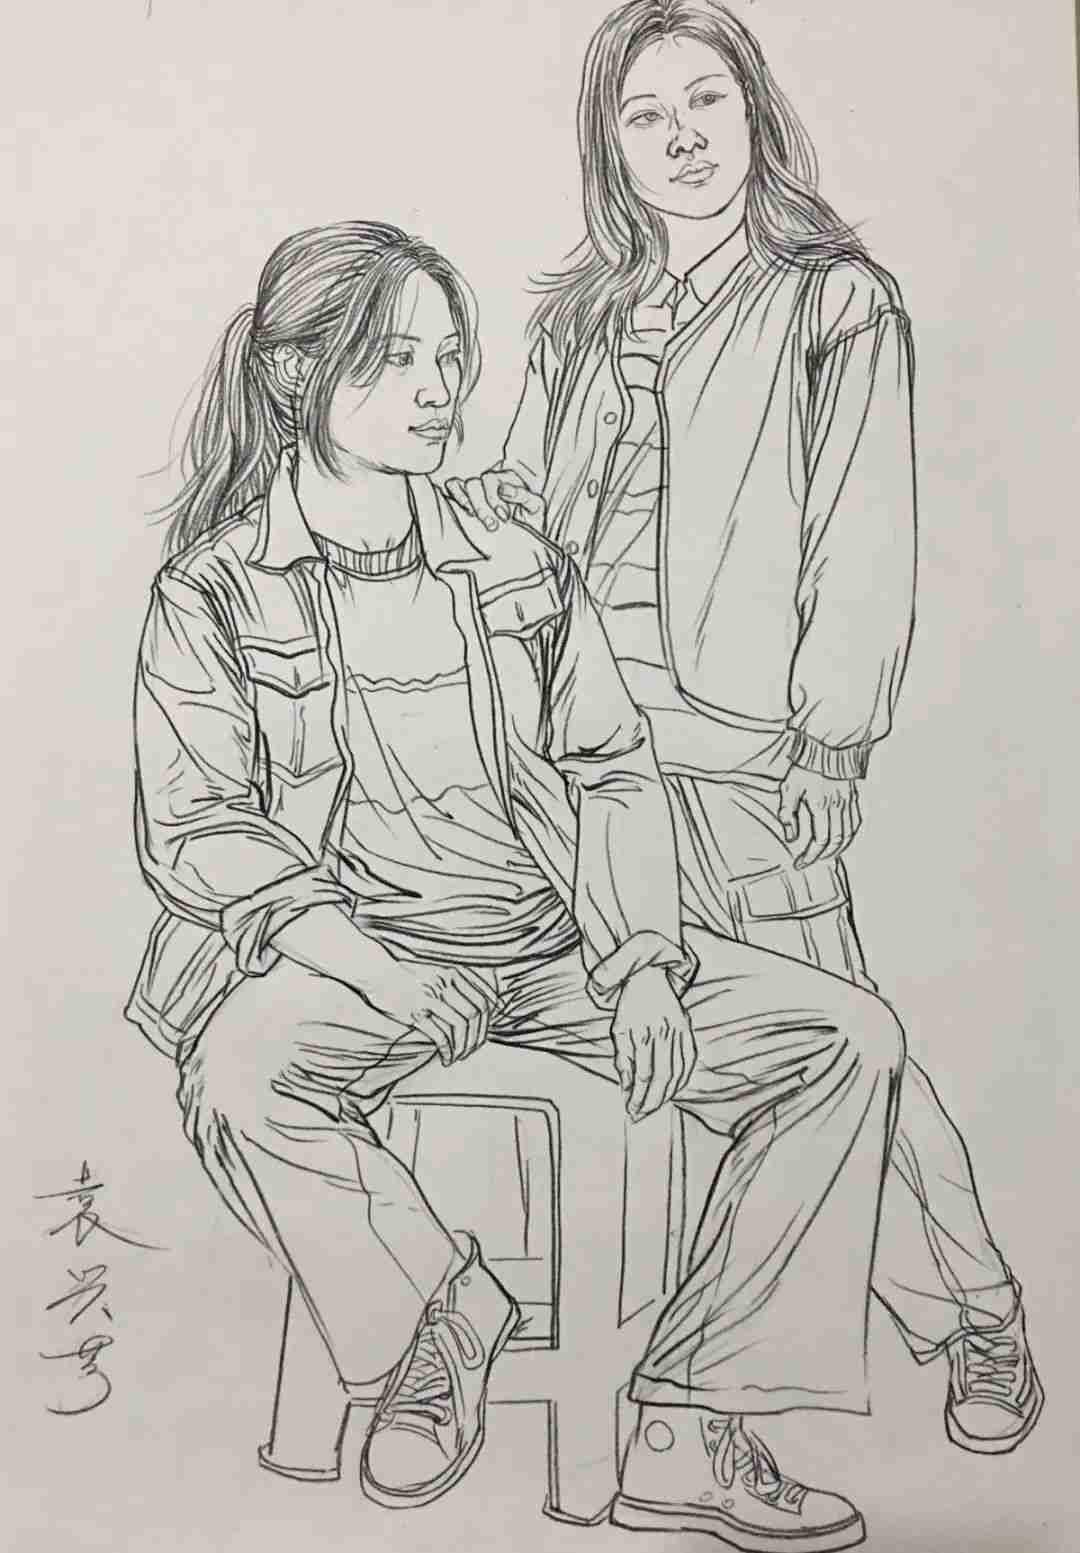 杭州画室集训班速写名师——袁兴芳作品集,09